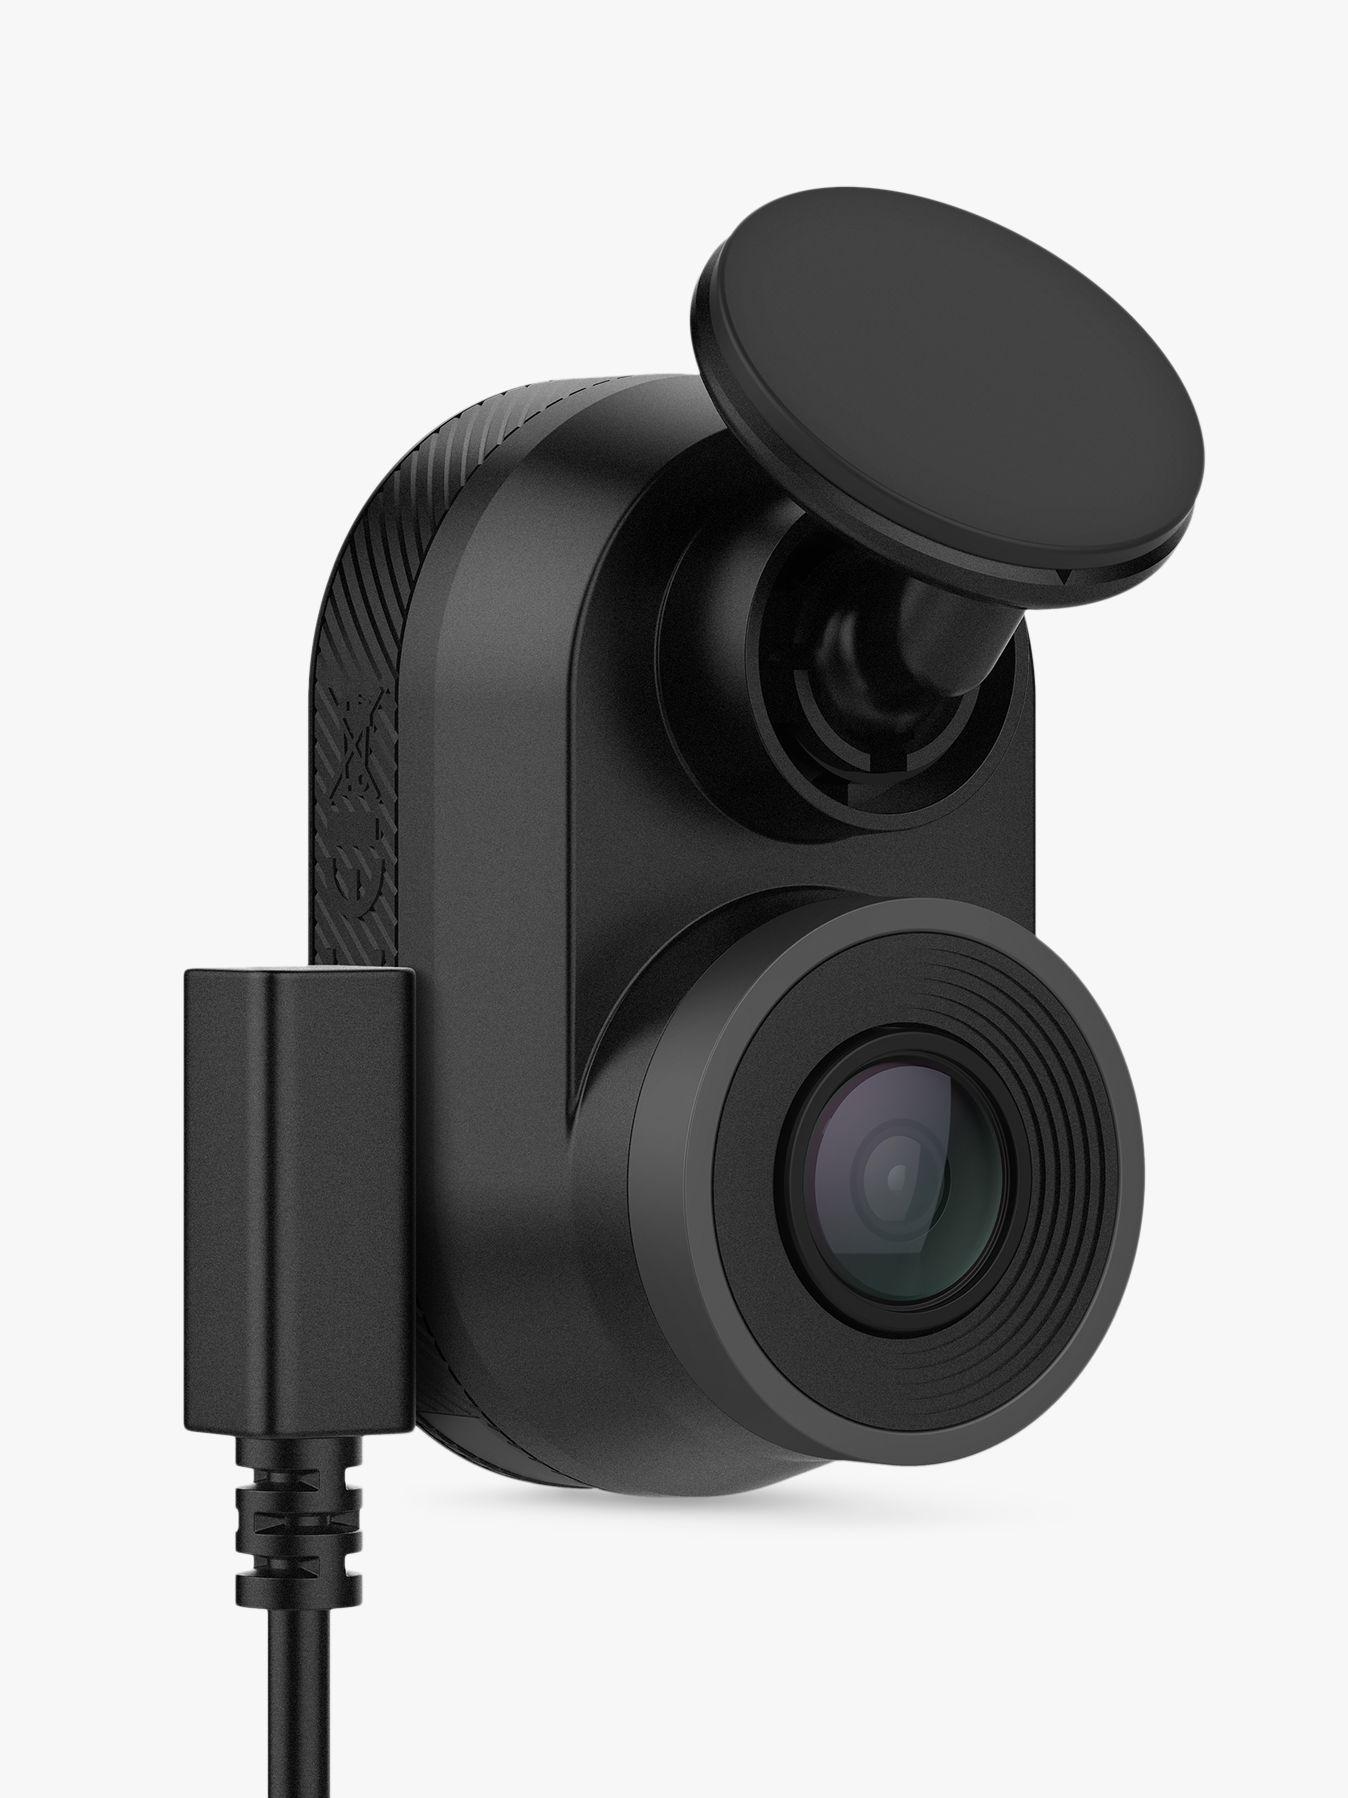 Garmin dash cam mini 1080p with images dashcam